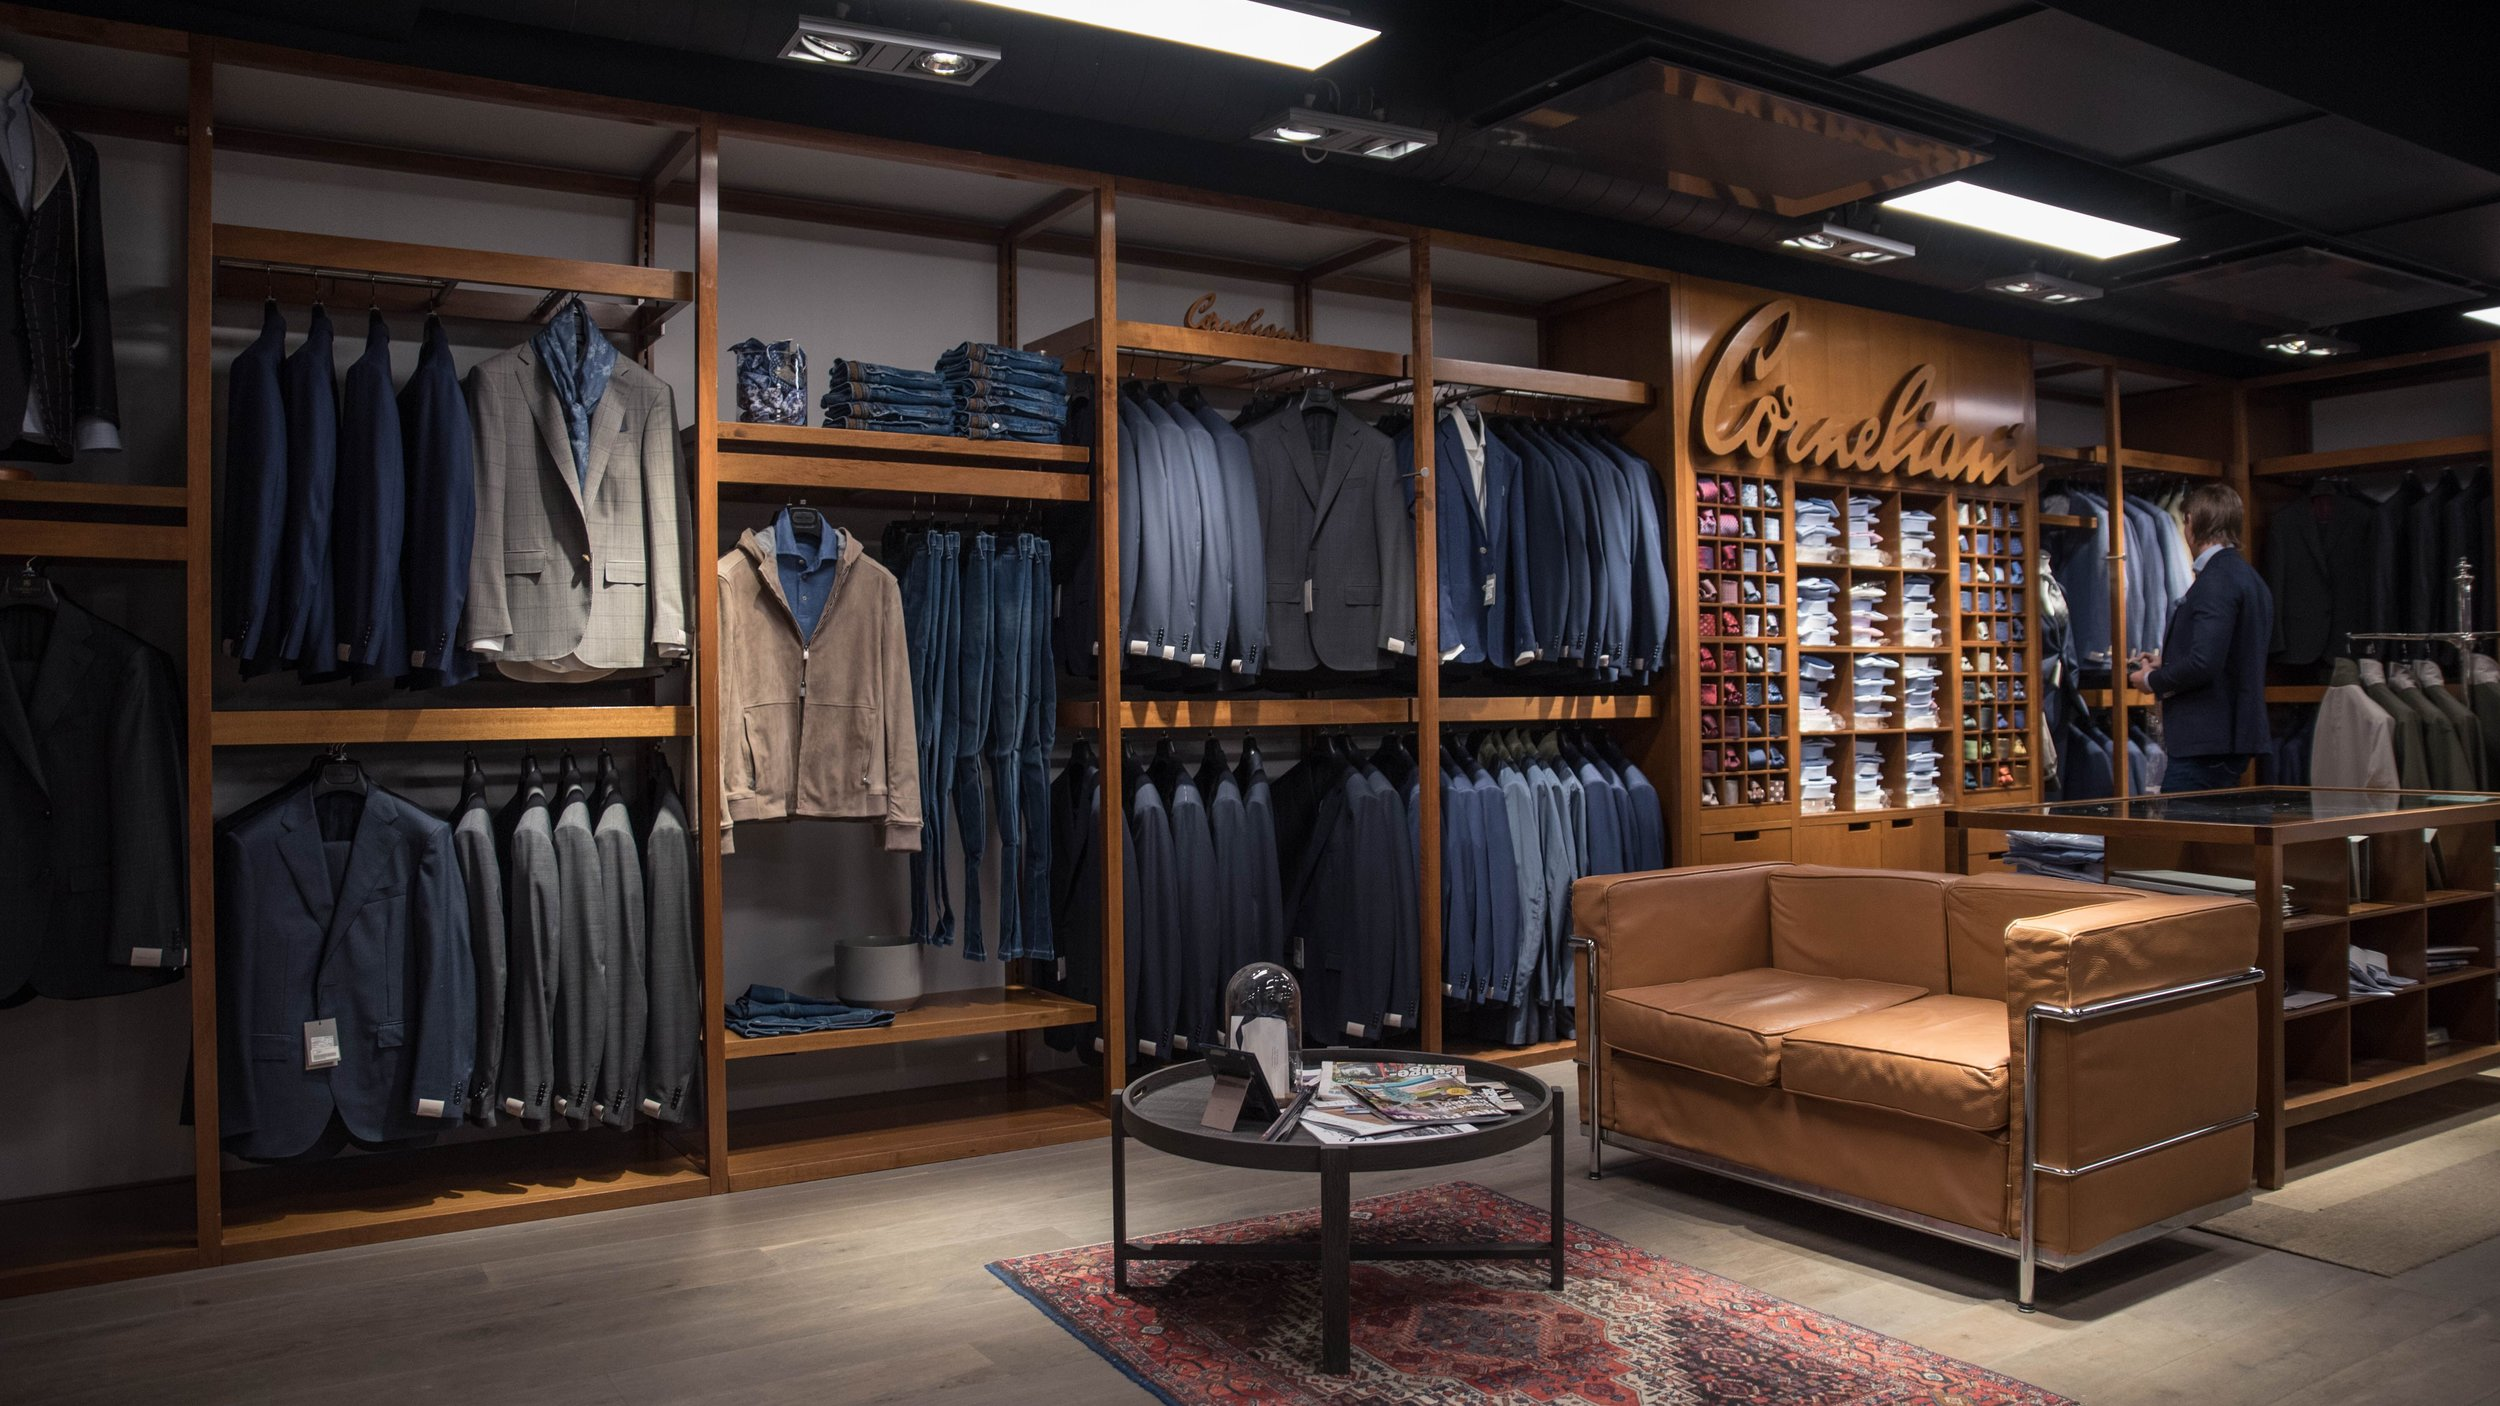 Corneliani Shop in Shop - Som en av to Corneliani Shop in Shops i Scandinavia tilbyr vi ett bredt utvalg av konfeksjon fra Corneliani. Vi tilbyr også målsøm i samarbeid med Corneliani.